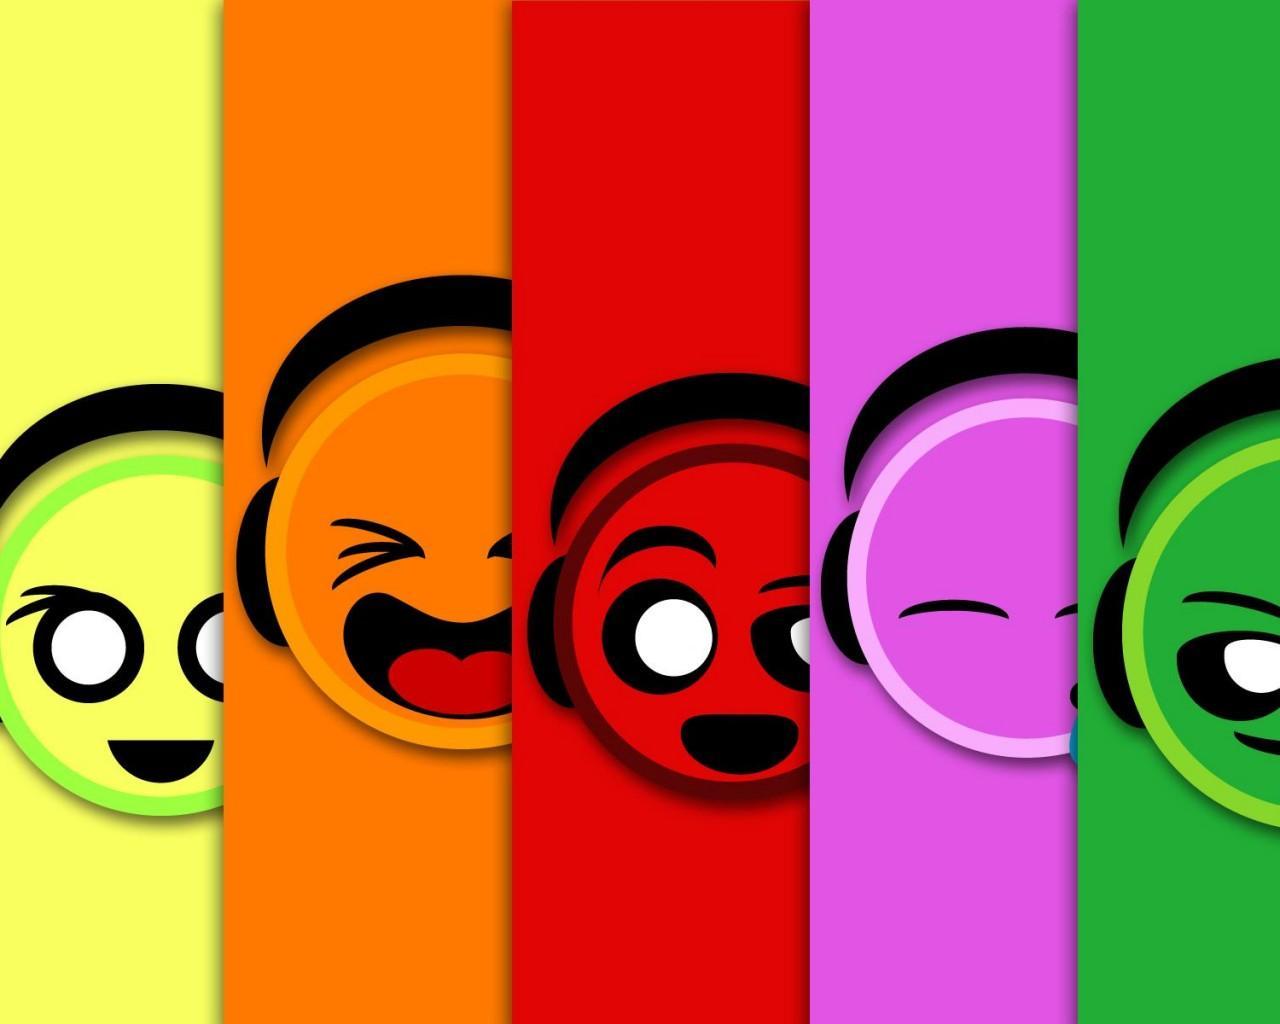 разноцветные смайлики картинки: